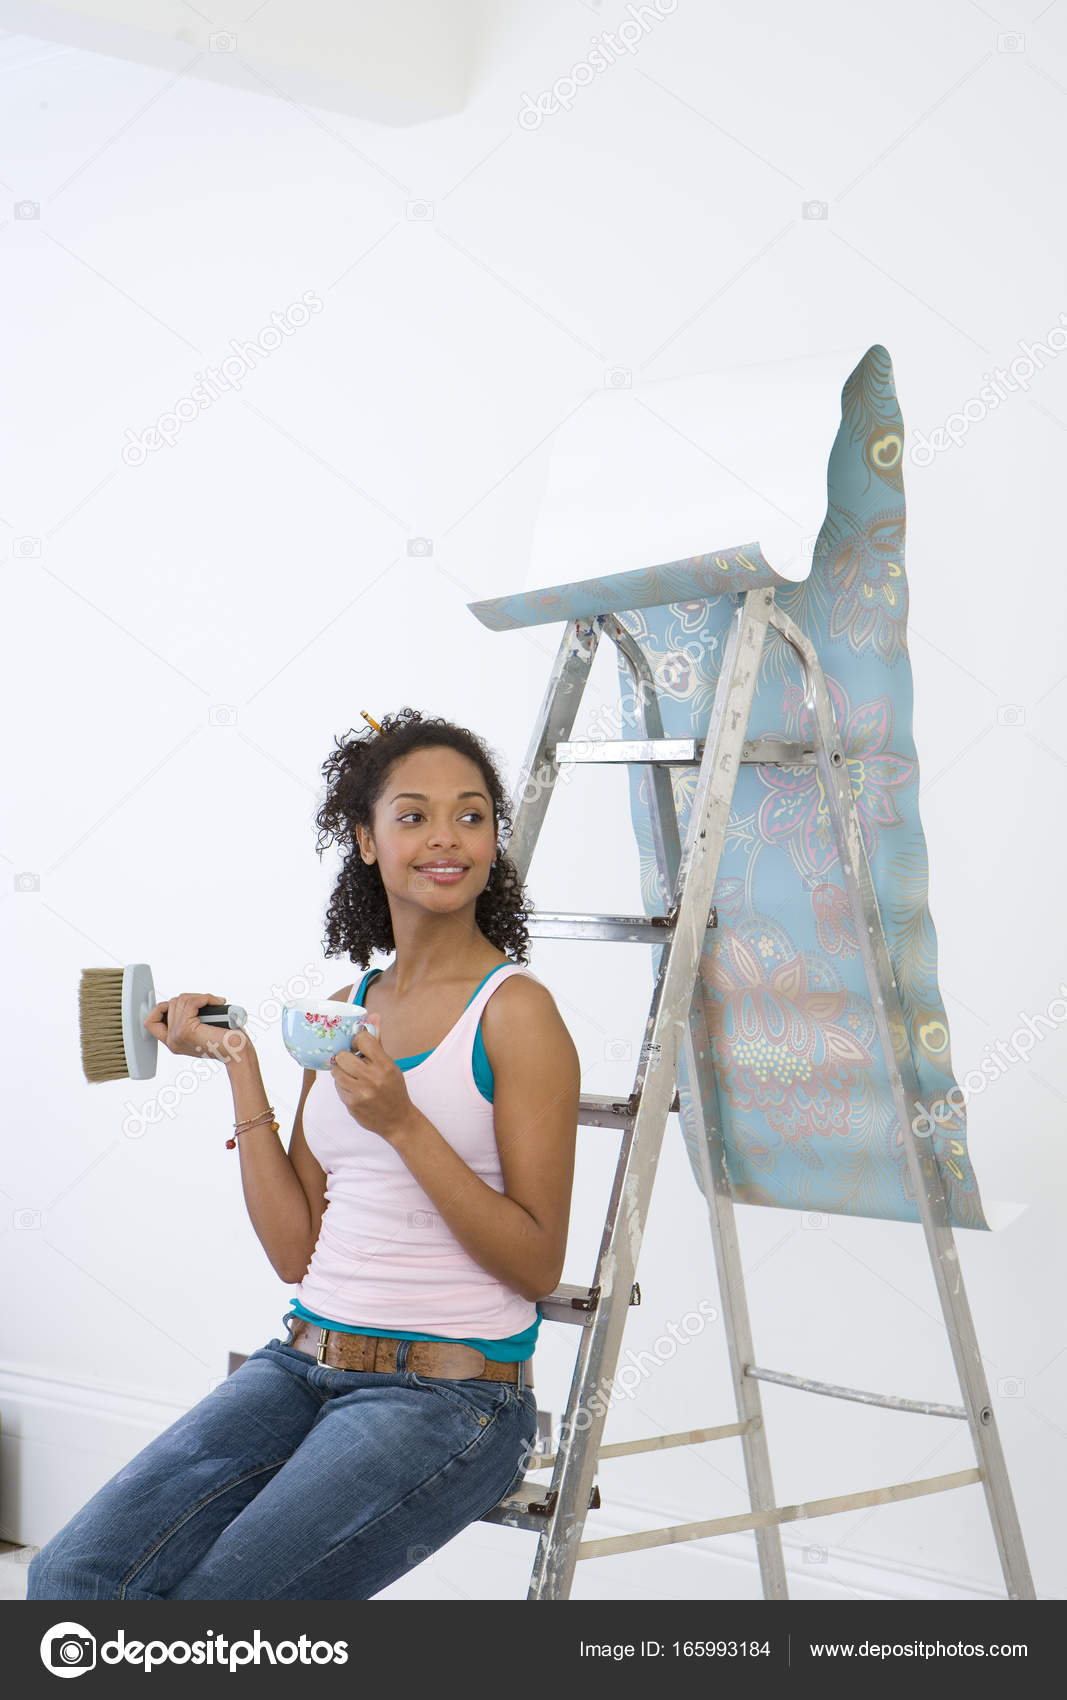 Young Woman Ladder Mug Taking Break Hanging Wallpaper Smiling Stock Photo